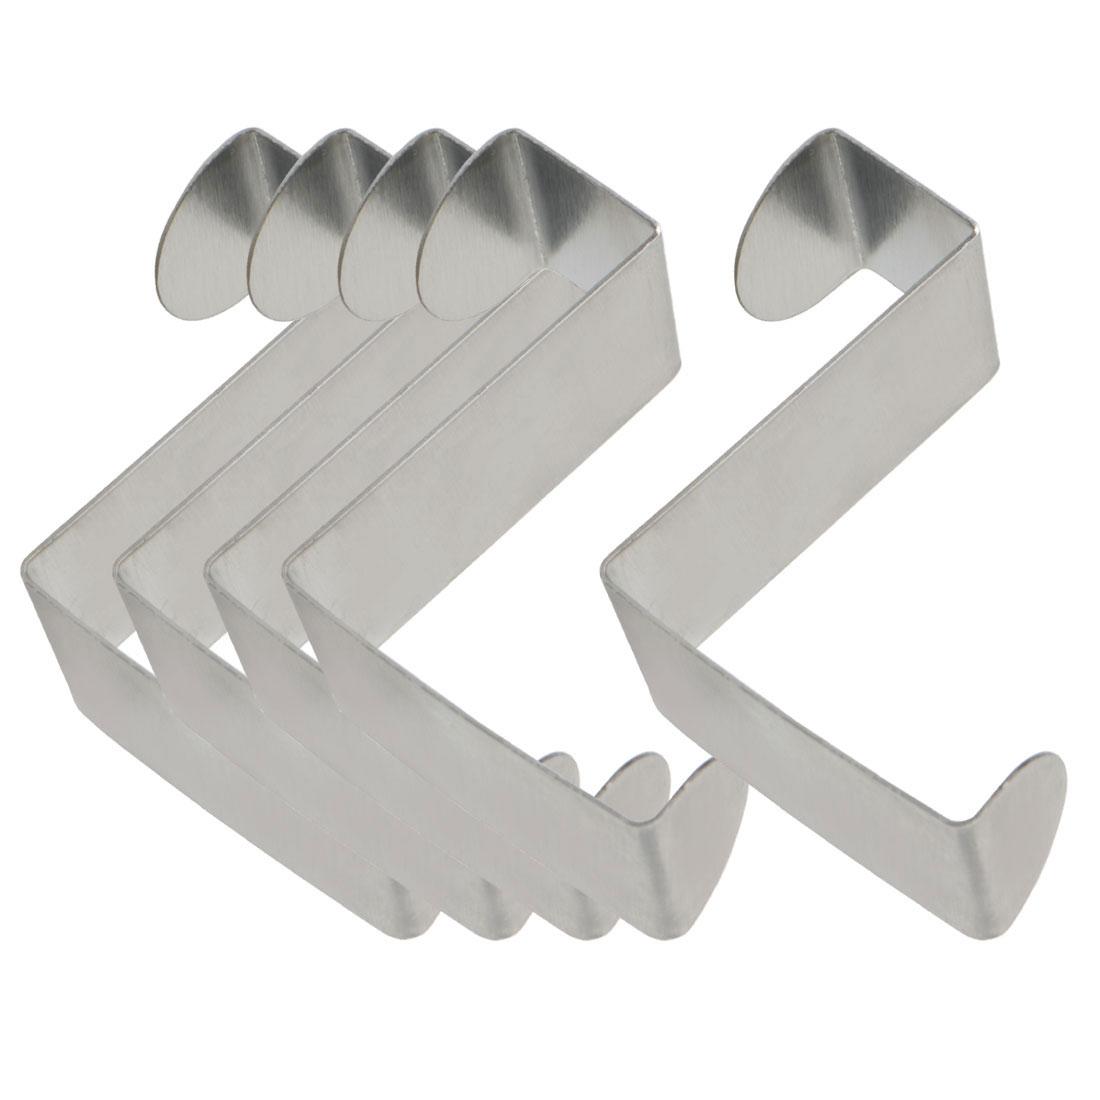 5pcs Z Shaped Hook Stainless Steel for Kitchenware Pot Utensil Coat Holder